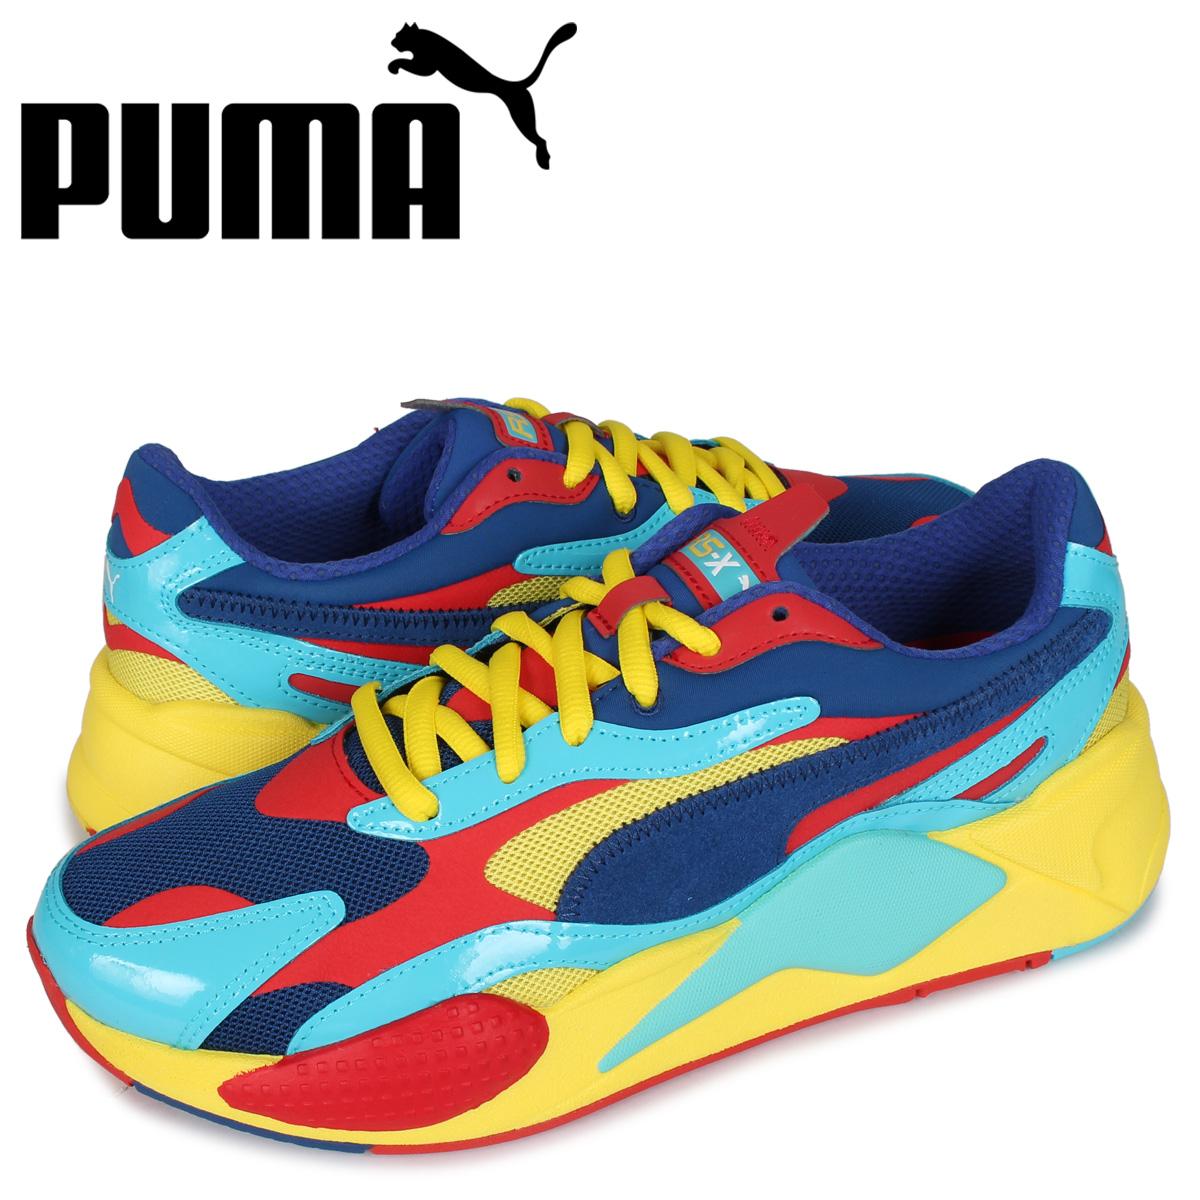 プーマ PUMA スニーカー メンズ RS-X3 PLASTIC レッド 37156906